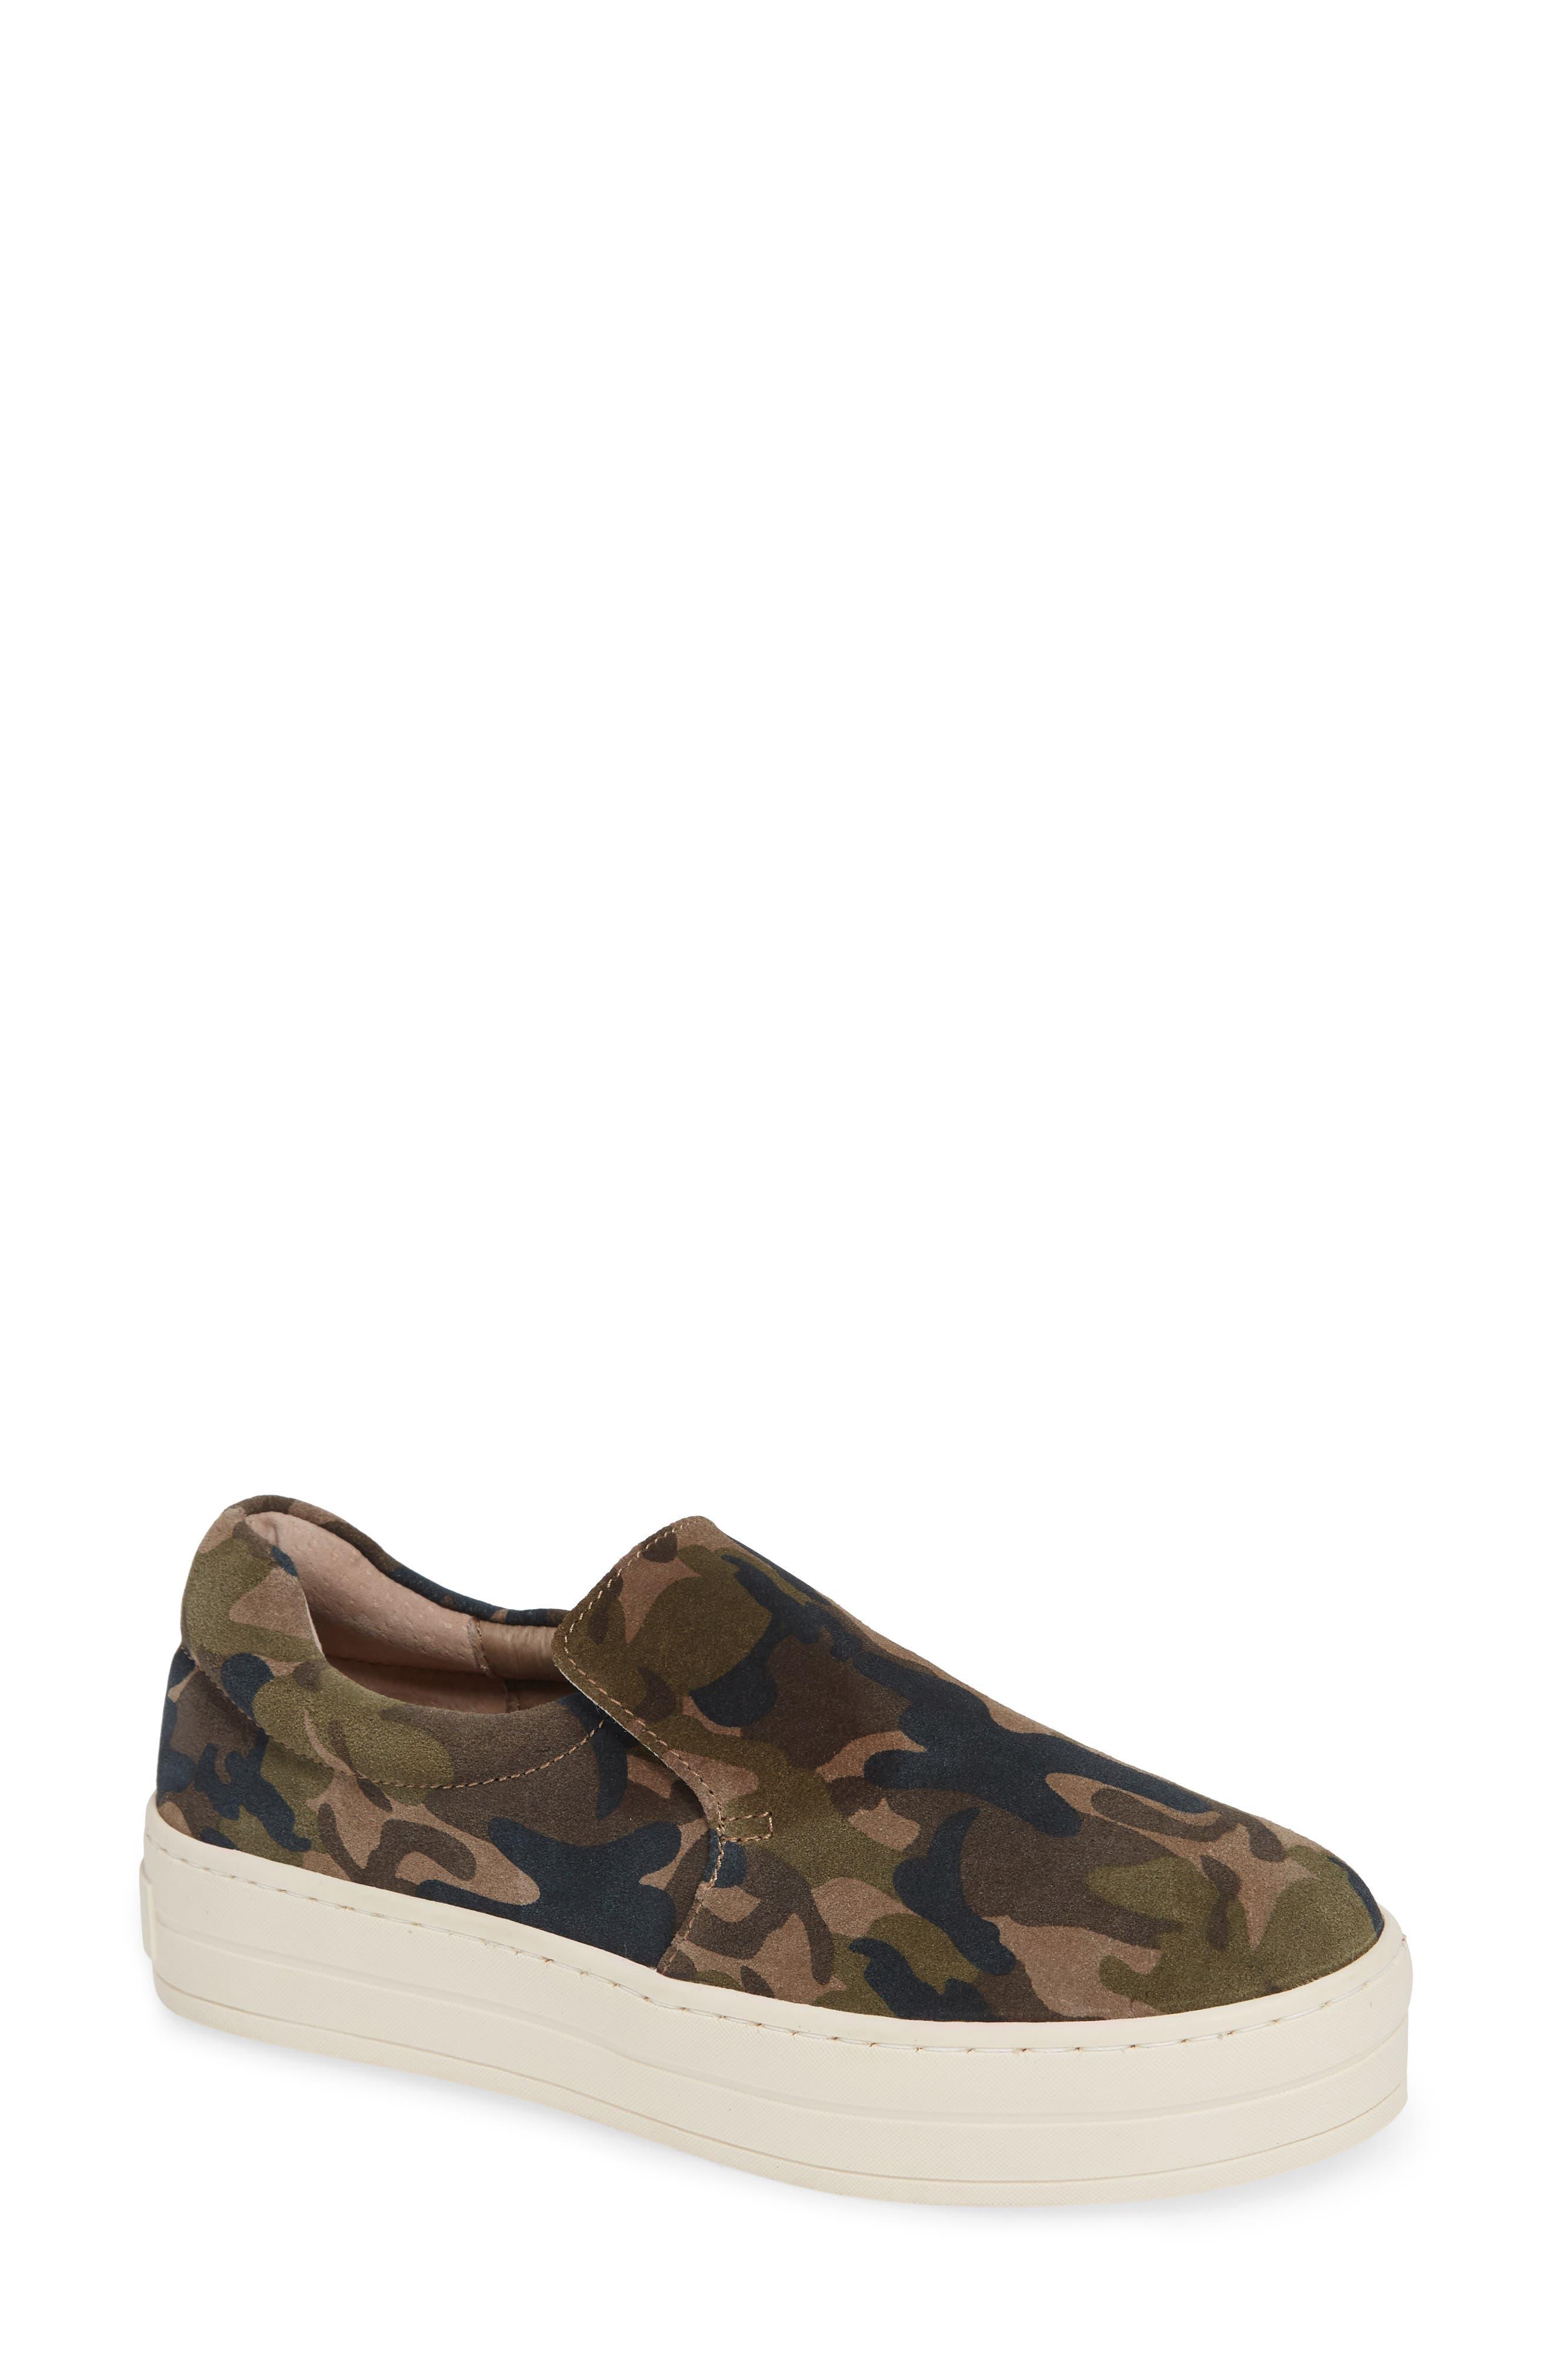 Harry Slip-On Sneaker in Green Camo Suede